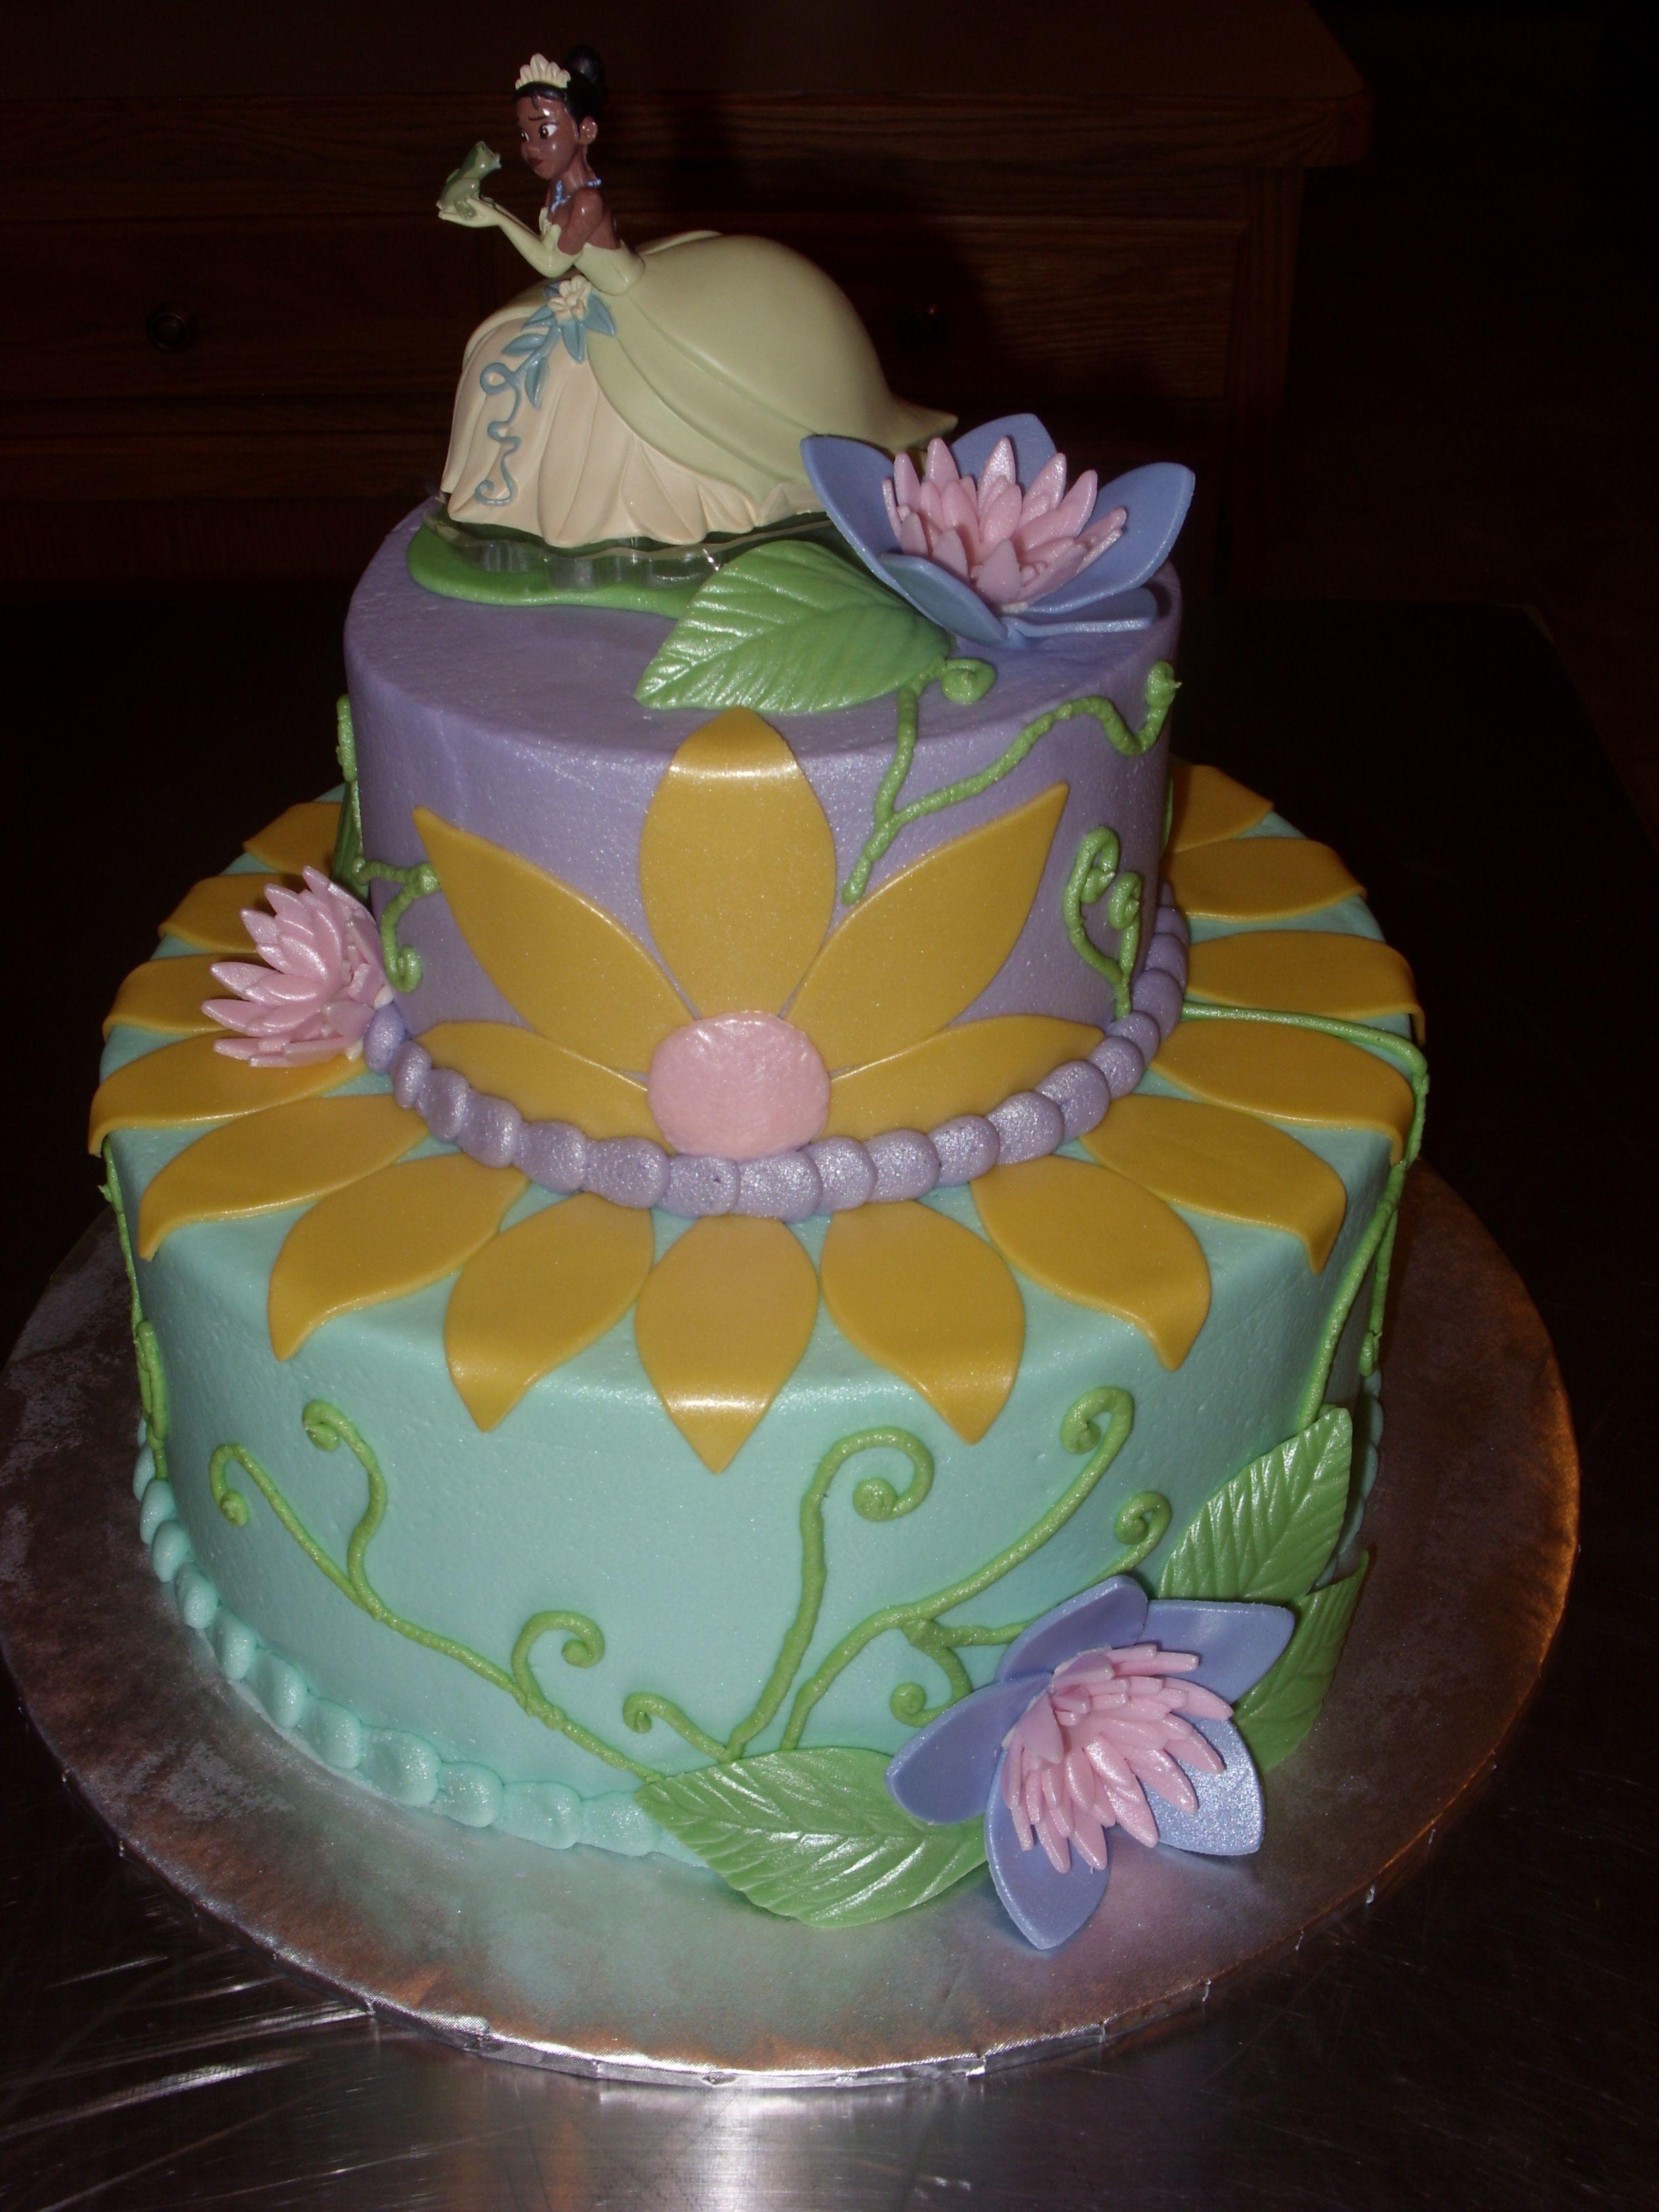 Princess and the frog cake birthday cake kids frog